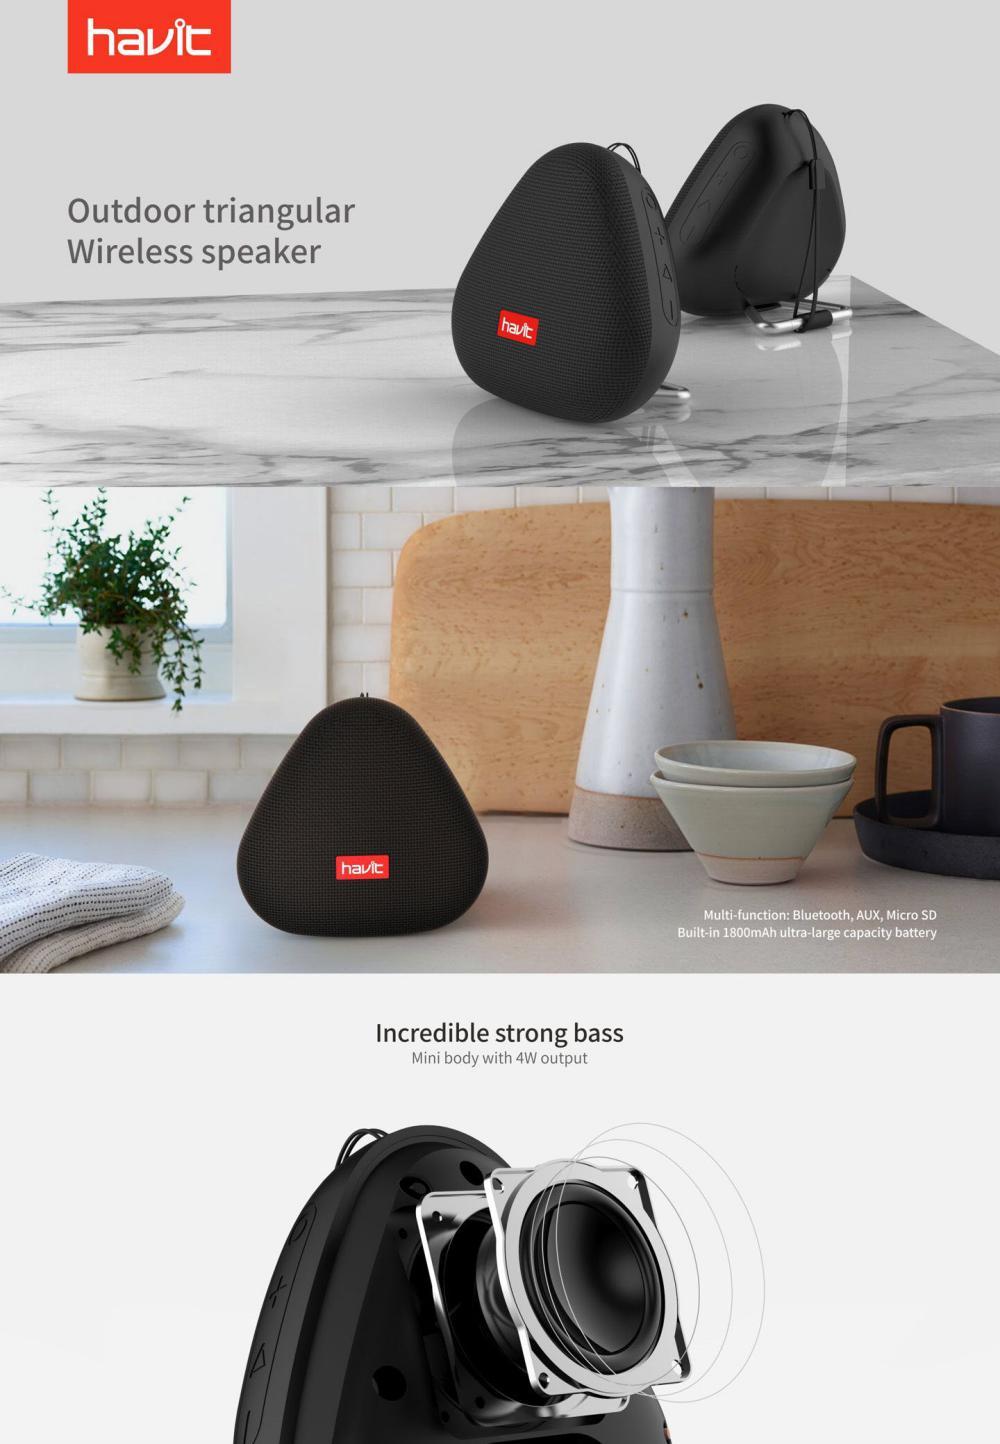 Havit M36 Outdoor Triangular Wireless Speaker (1)